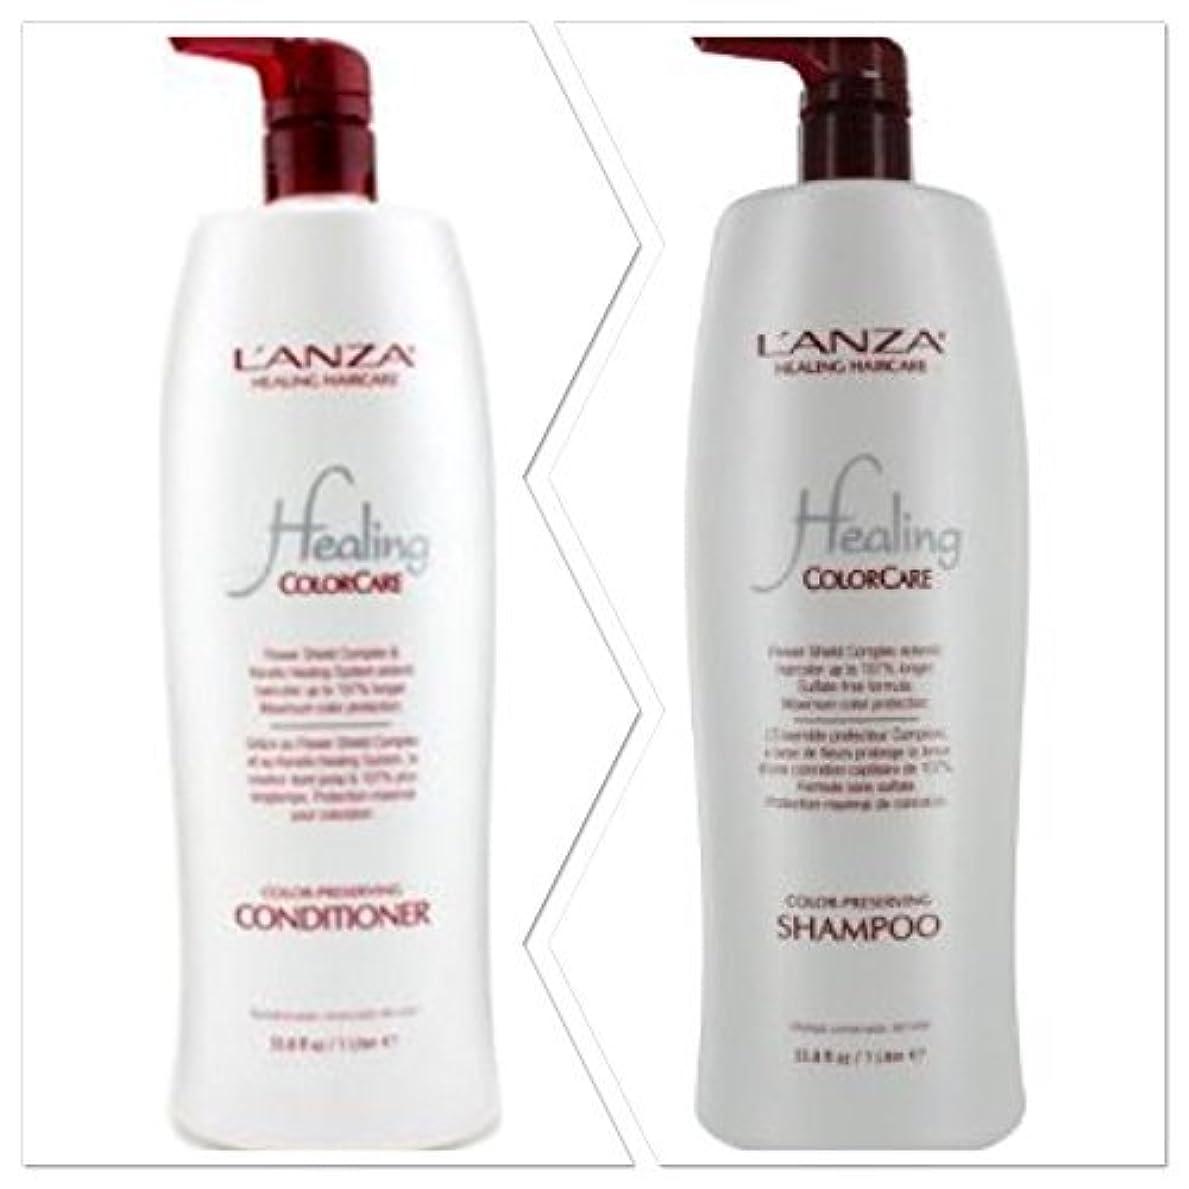 複雑なボランティアなめらかなL'anza Healing Colorcare Color-preserving Shampoo + Conditioner Dou (33.8 oz (1Liter)) by L'anza